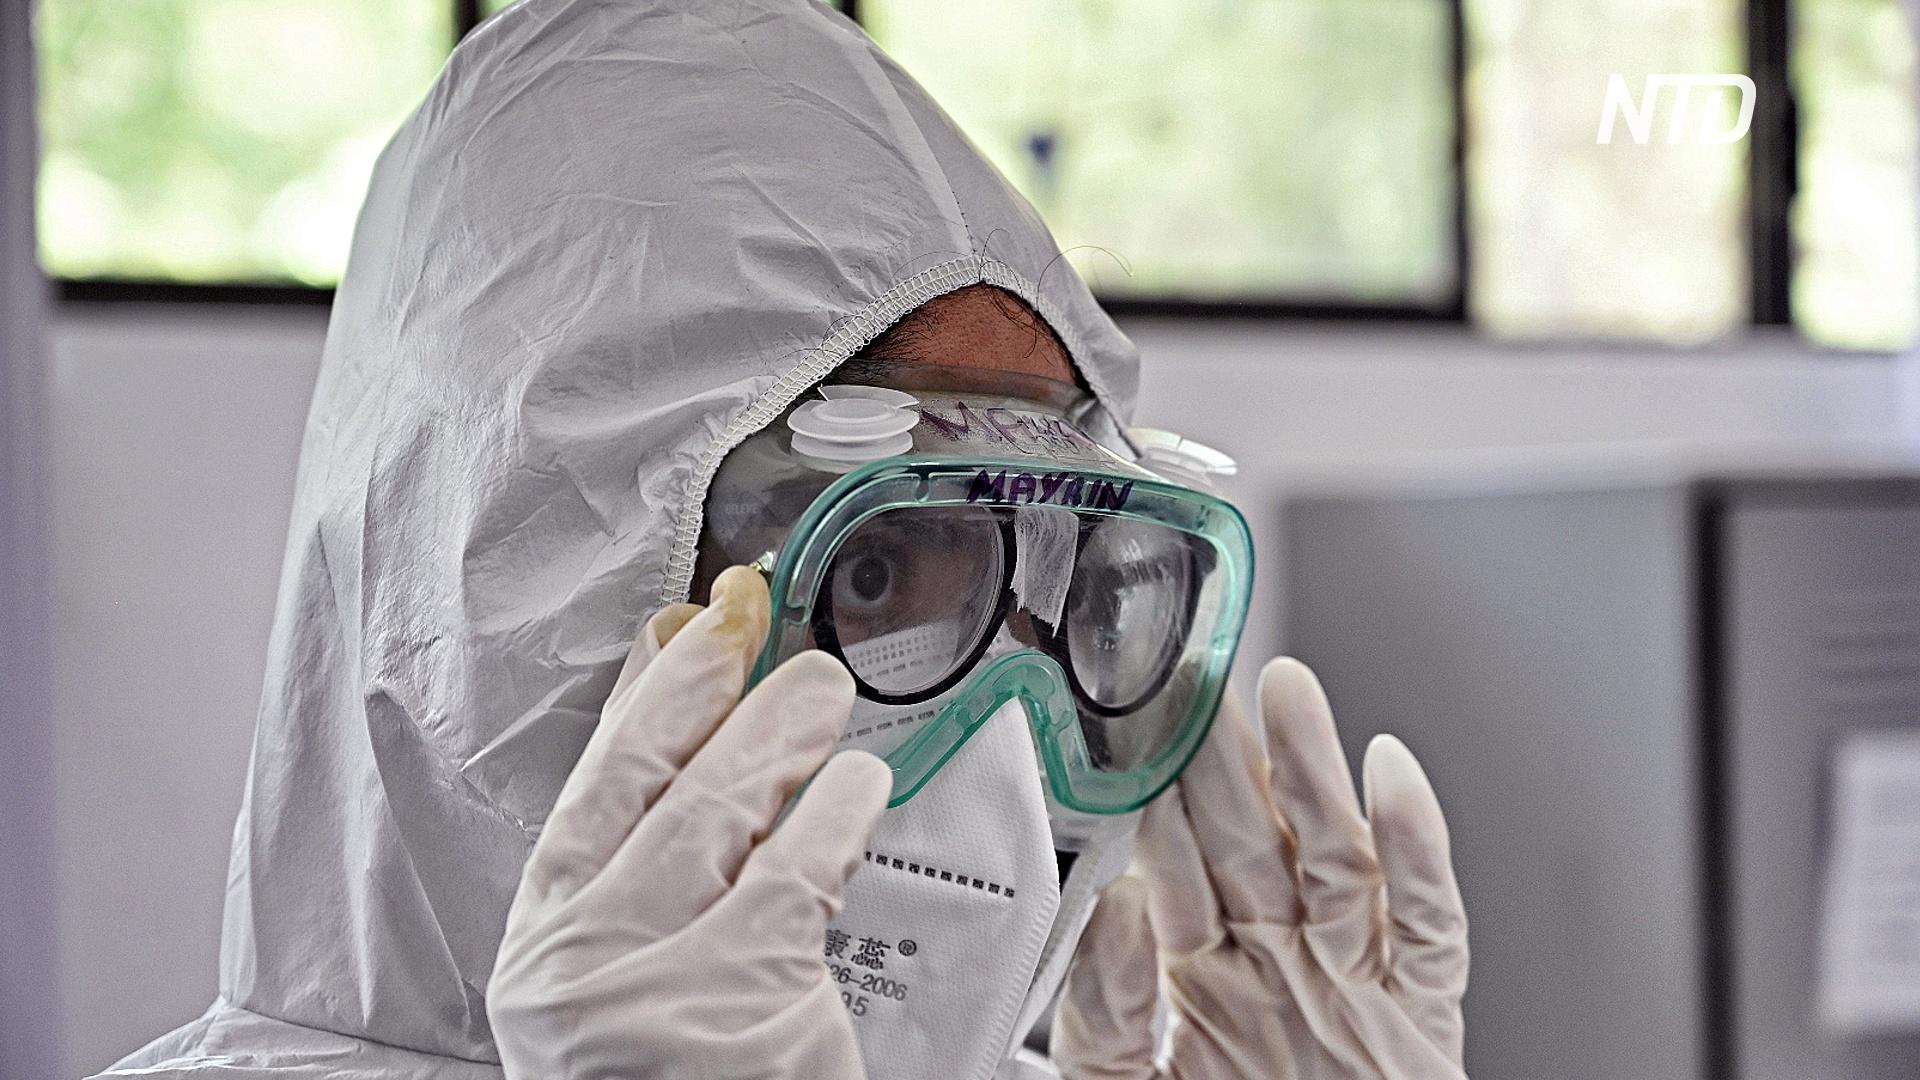 В Мексике медработники заражаются COVID-19 чаще, чем в остальном мире